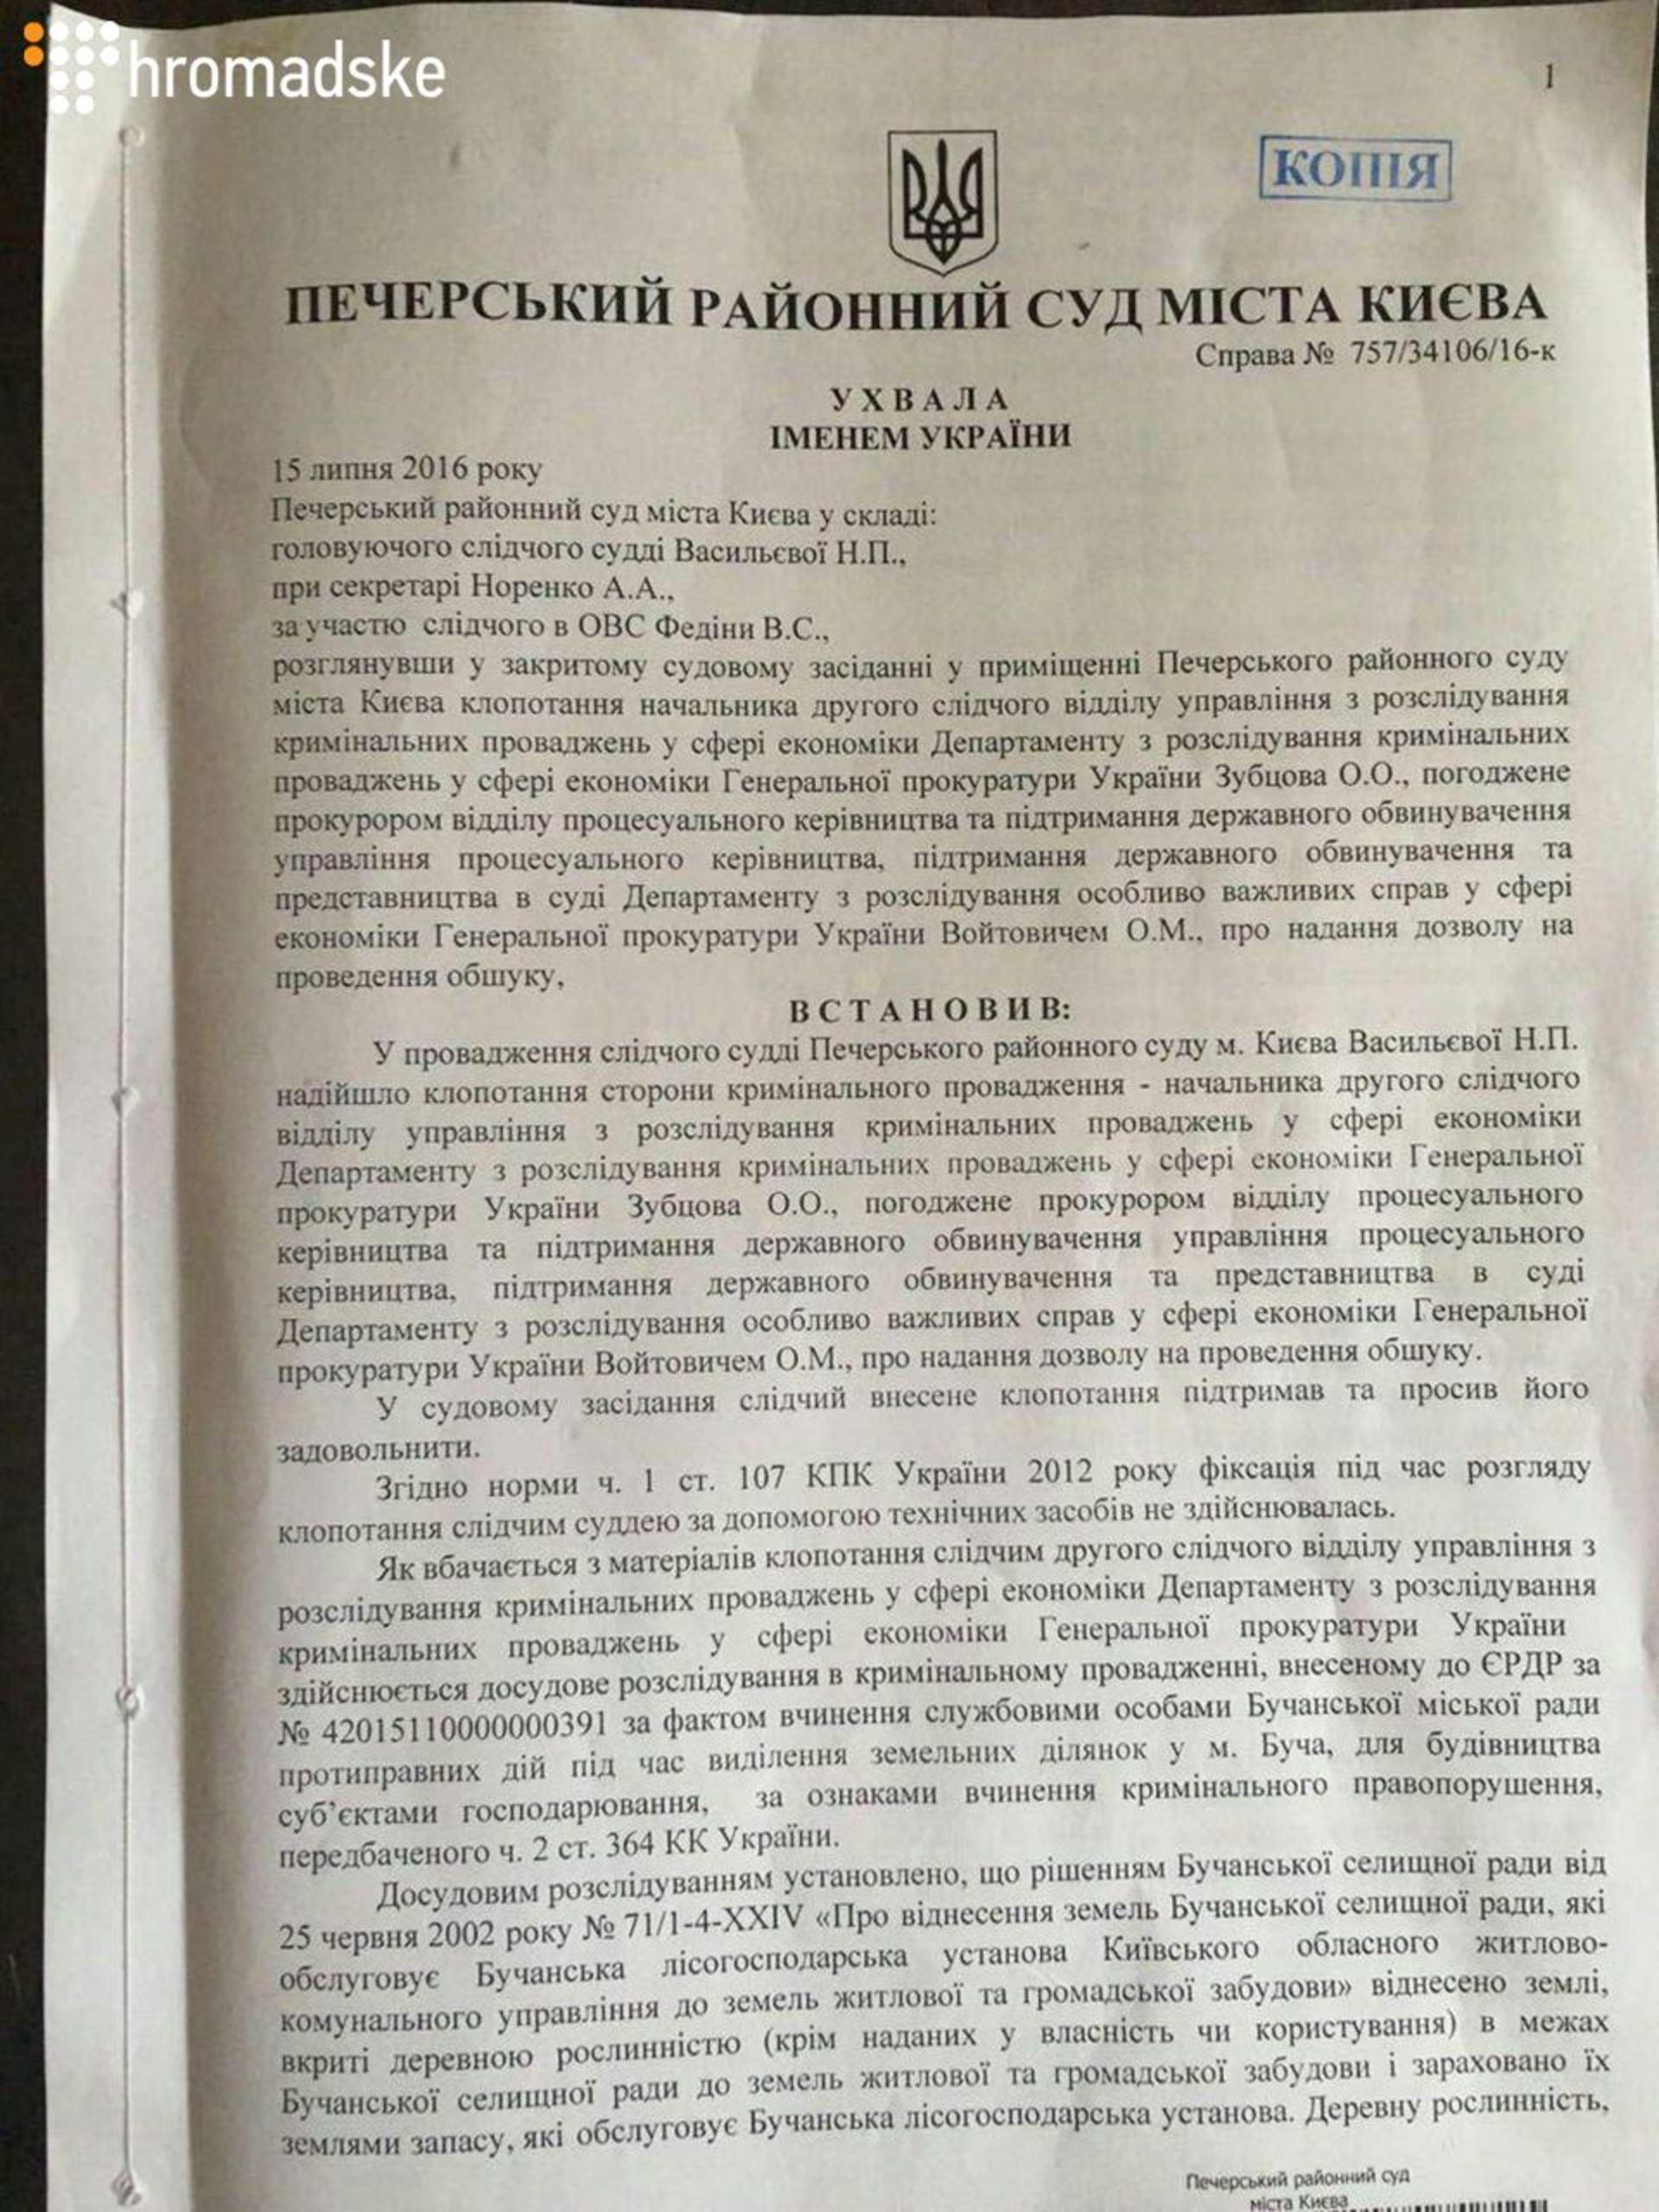 Мер Ірпеня заявляє, що жодних кримінальних справ щодо нього не розслідується  - фото 3